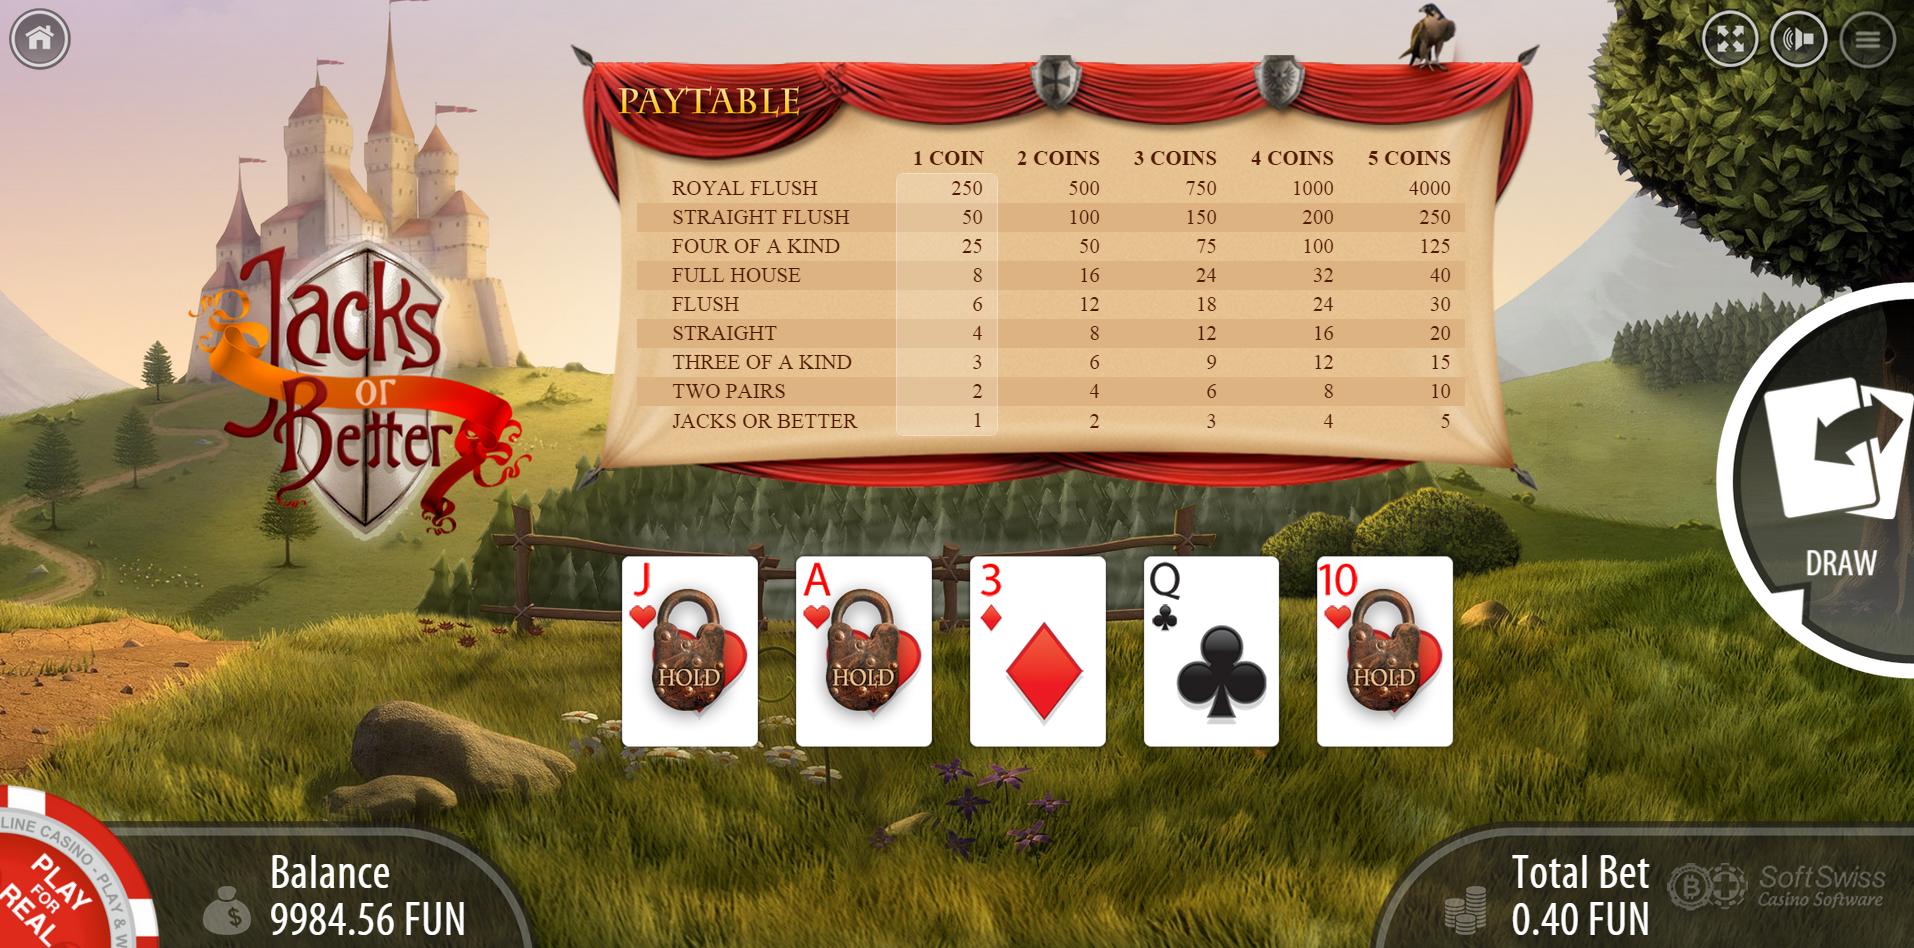 Better odds 3 card poker or blackjack